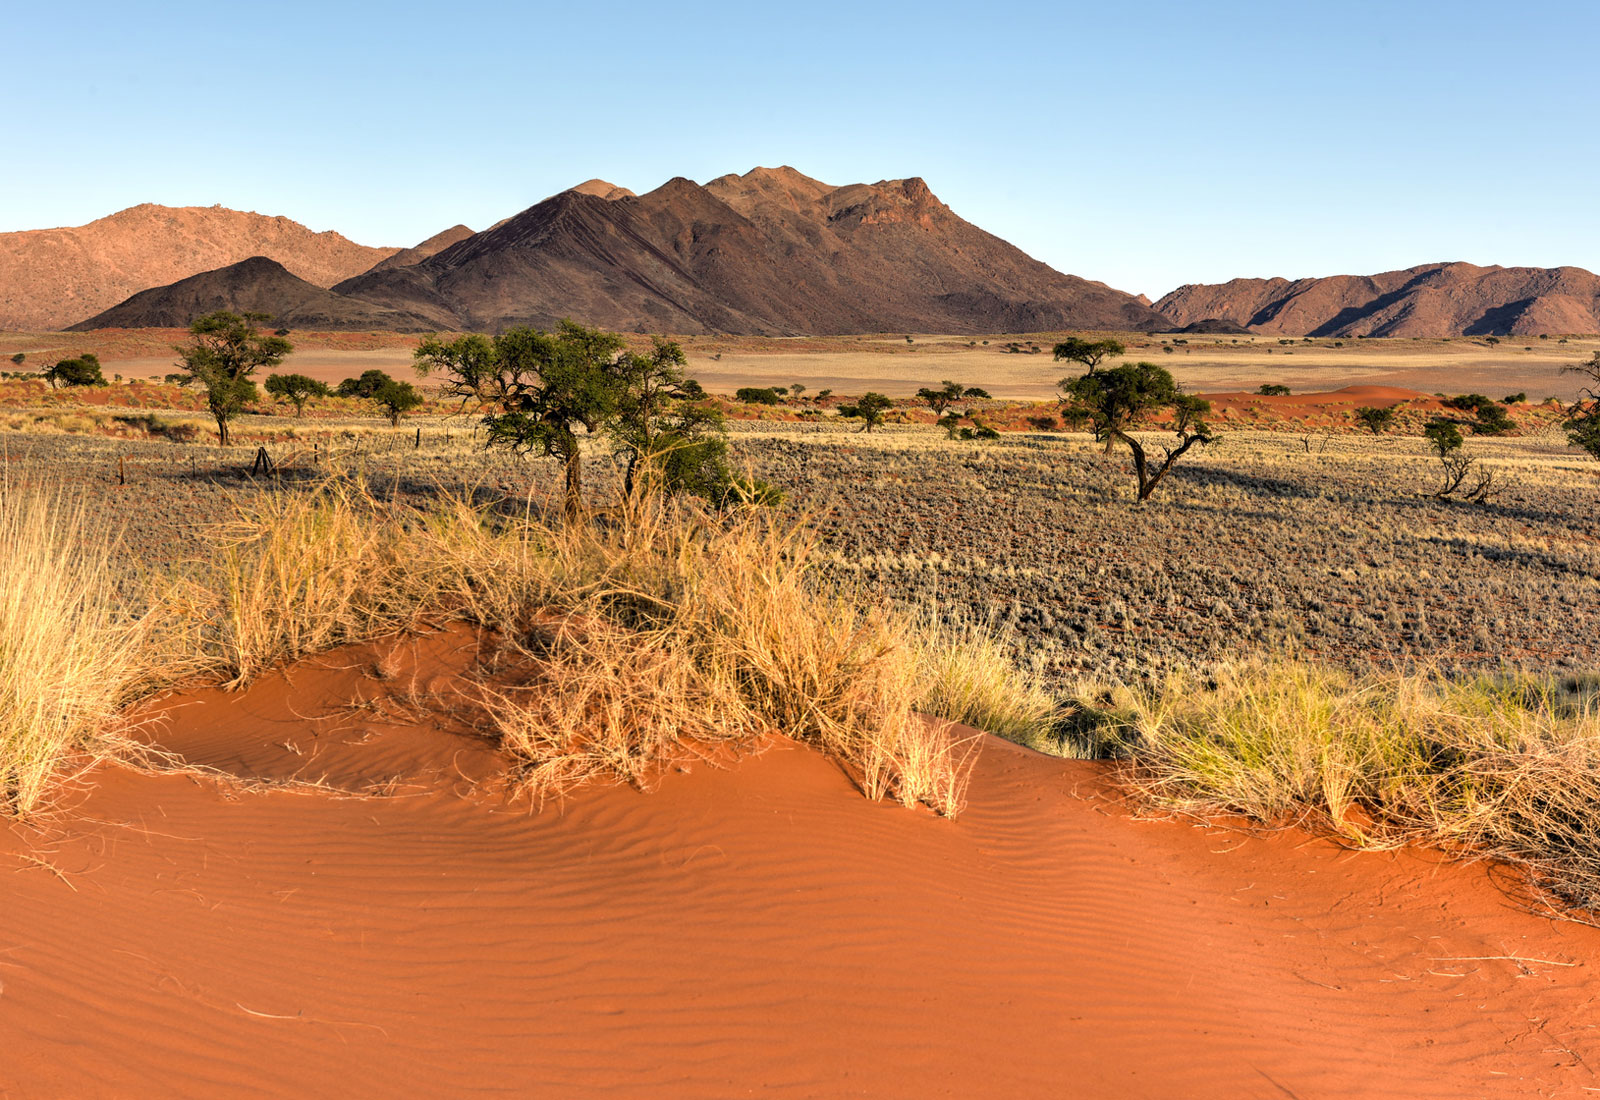 Gut gewappnet ins outback u ausrüstung für das afrika erlebnis